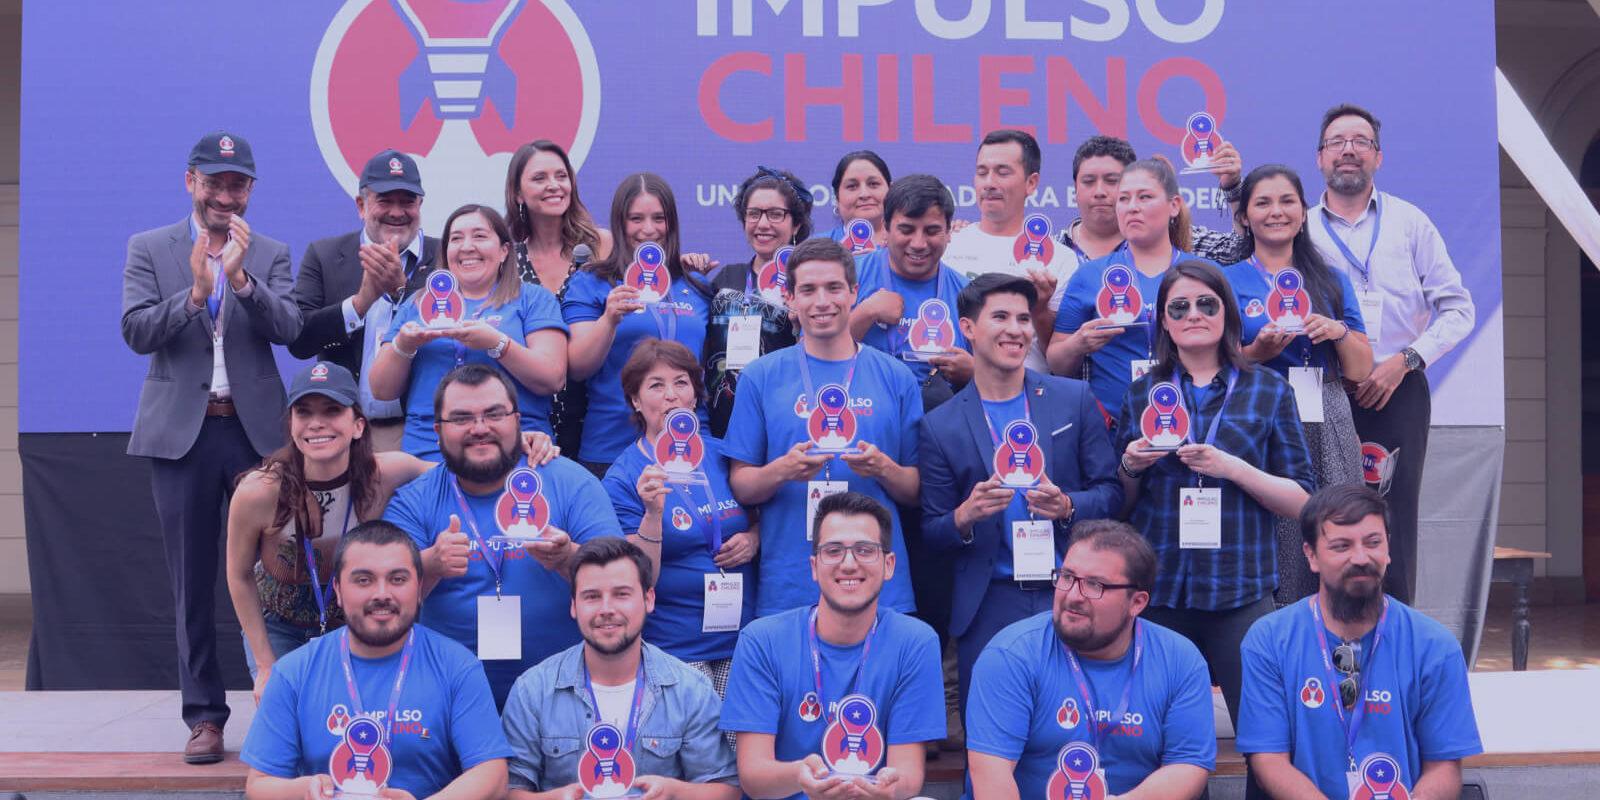 Impulso Chileno ya tiene a sus 60 ganadores